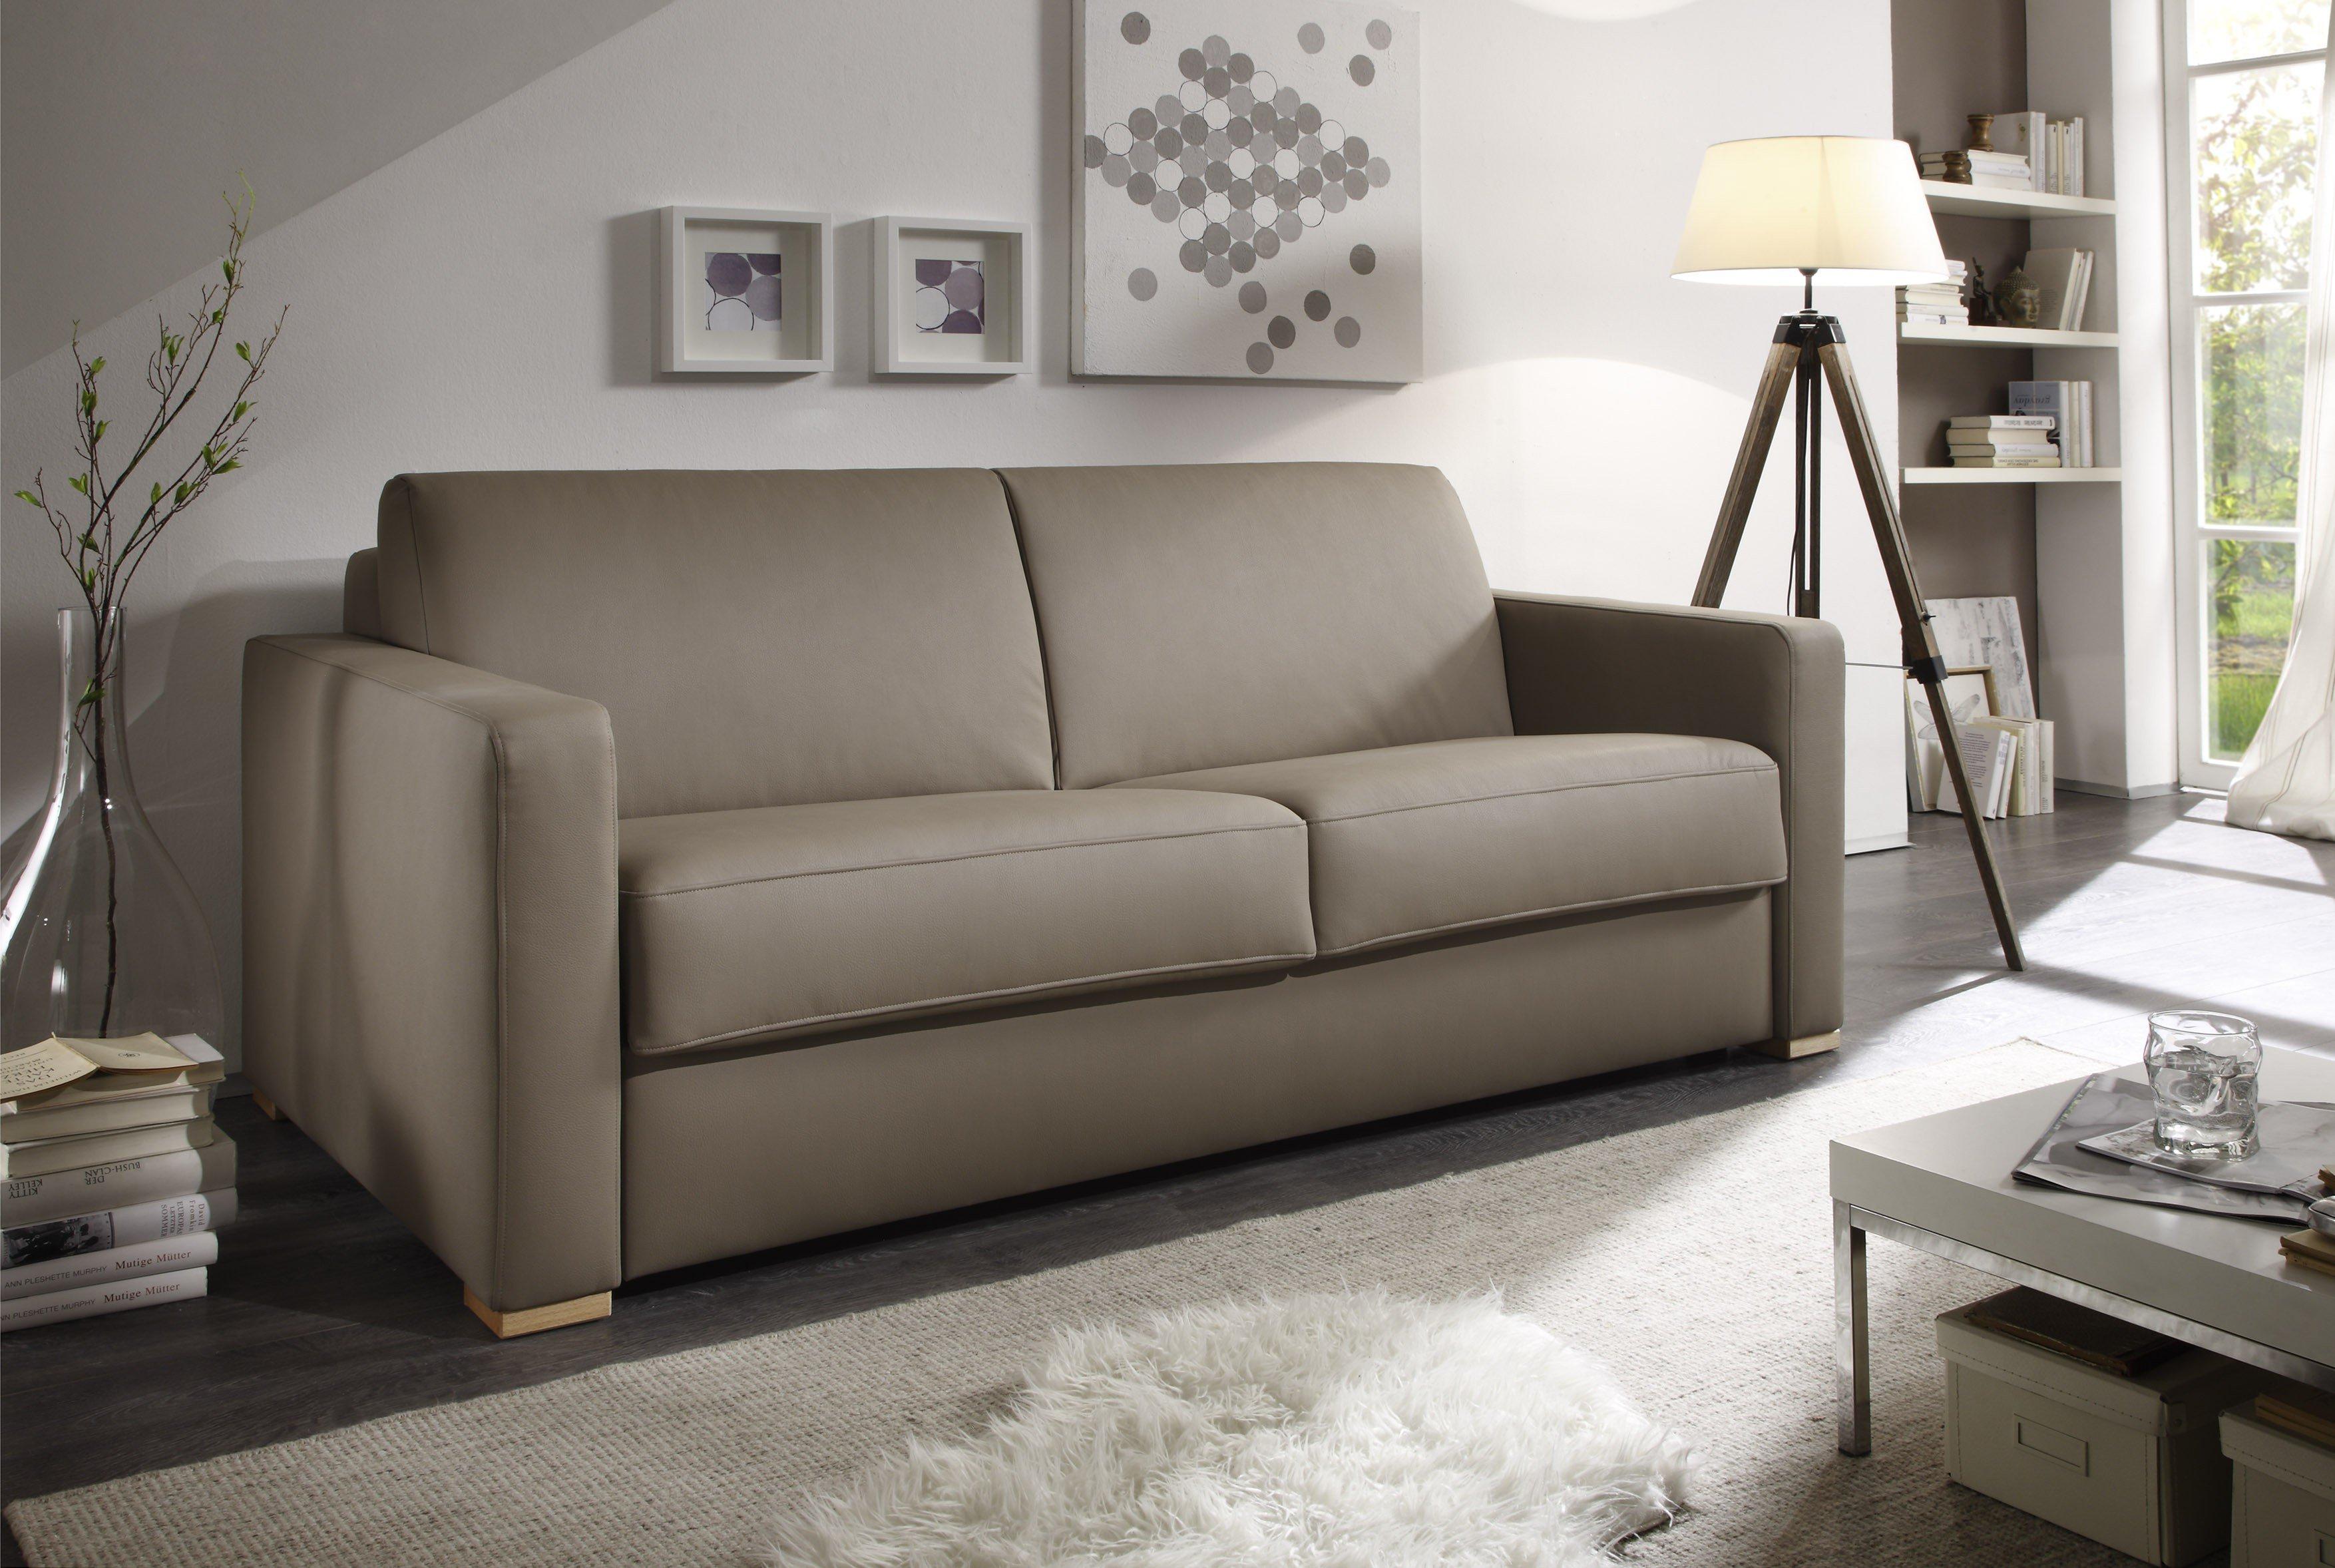 awesome einfache dekoration und mobel das richtige schlafsofa finden 2 #2: Ravenna von Reposa - 2-Sitzer grau